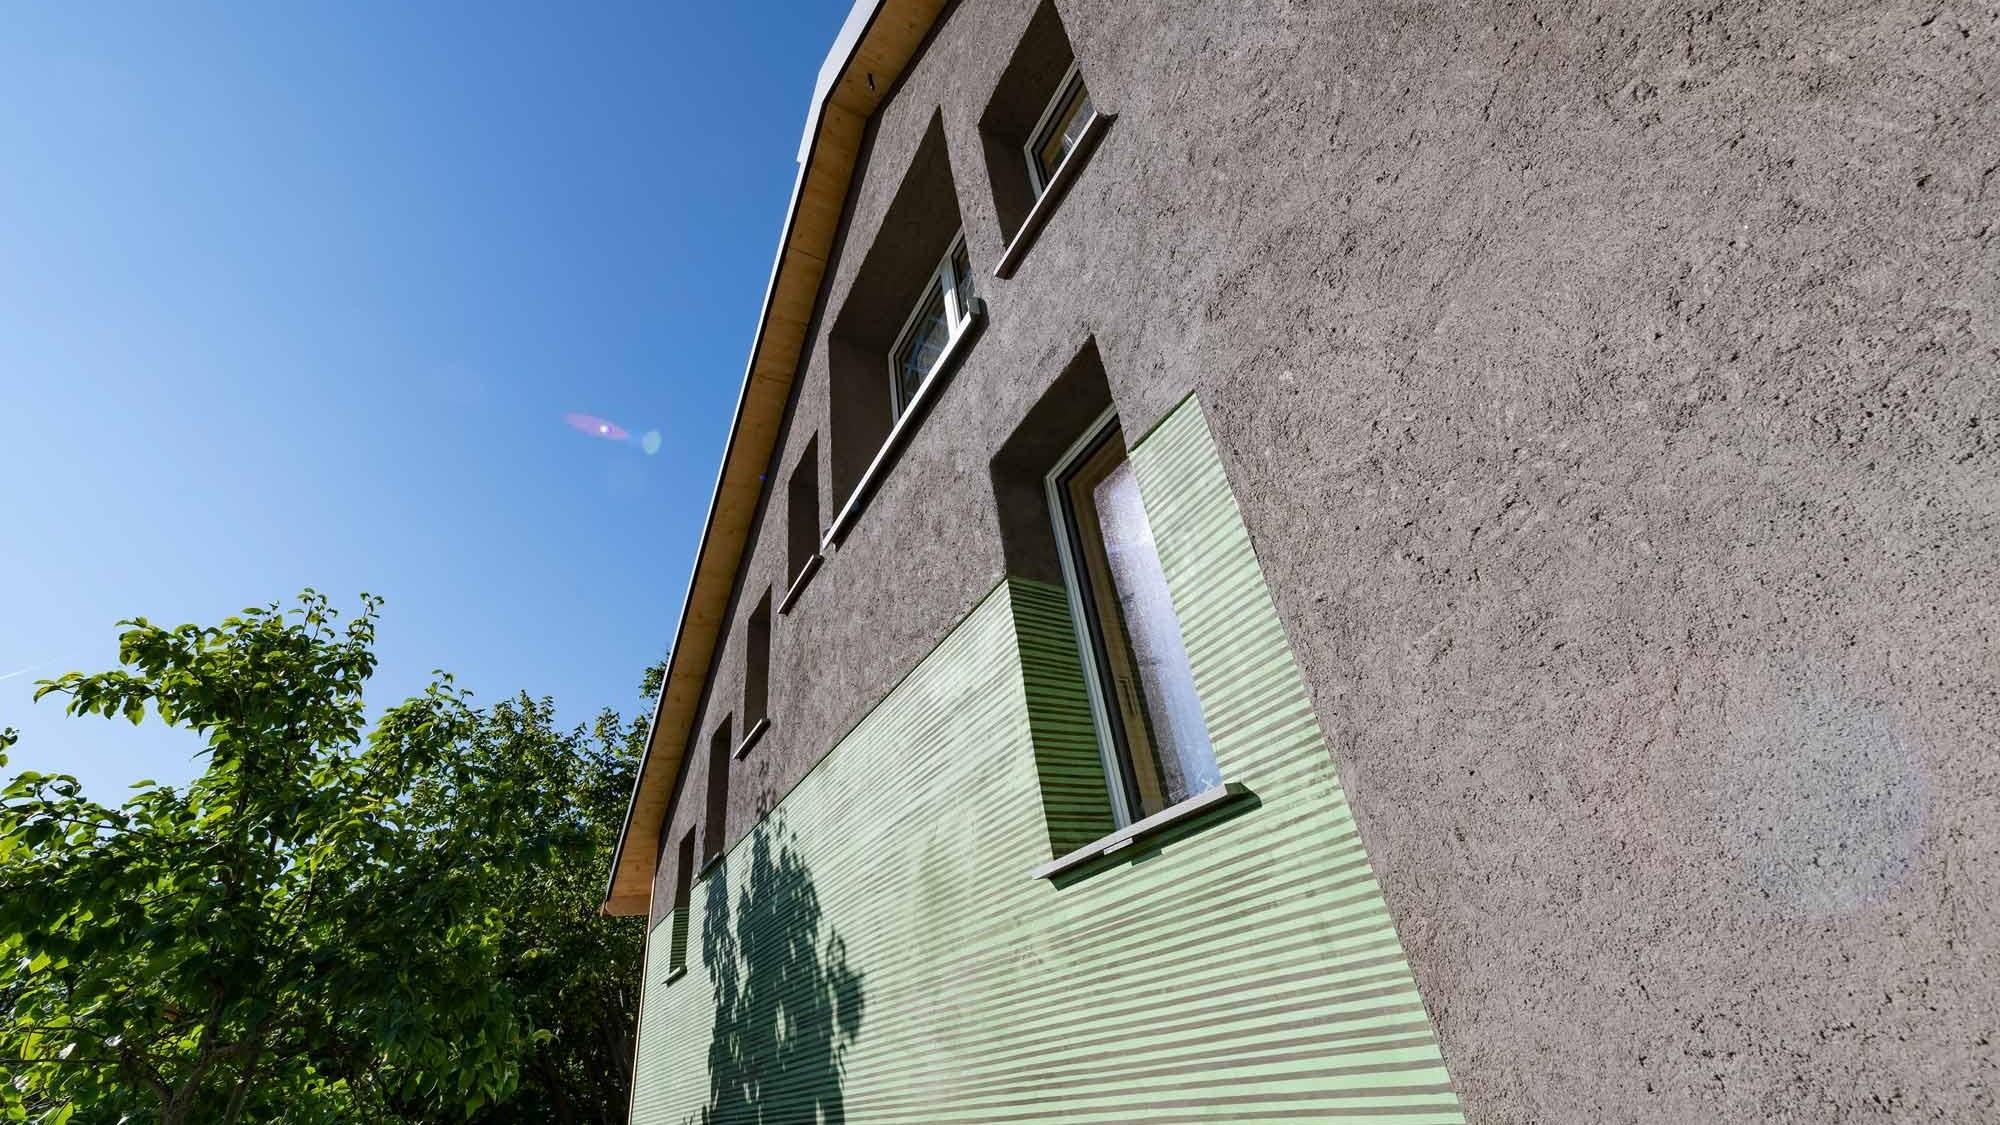 Fassade vom Kreis-Haus in Hombrechtikon